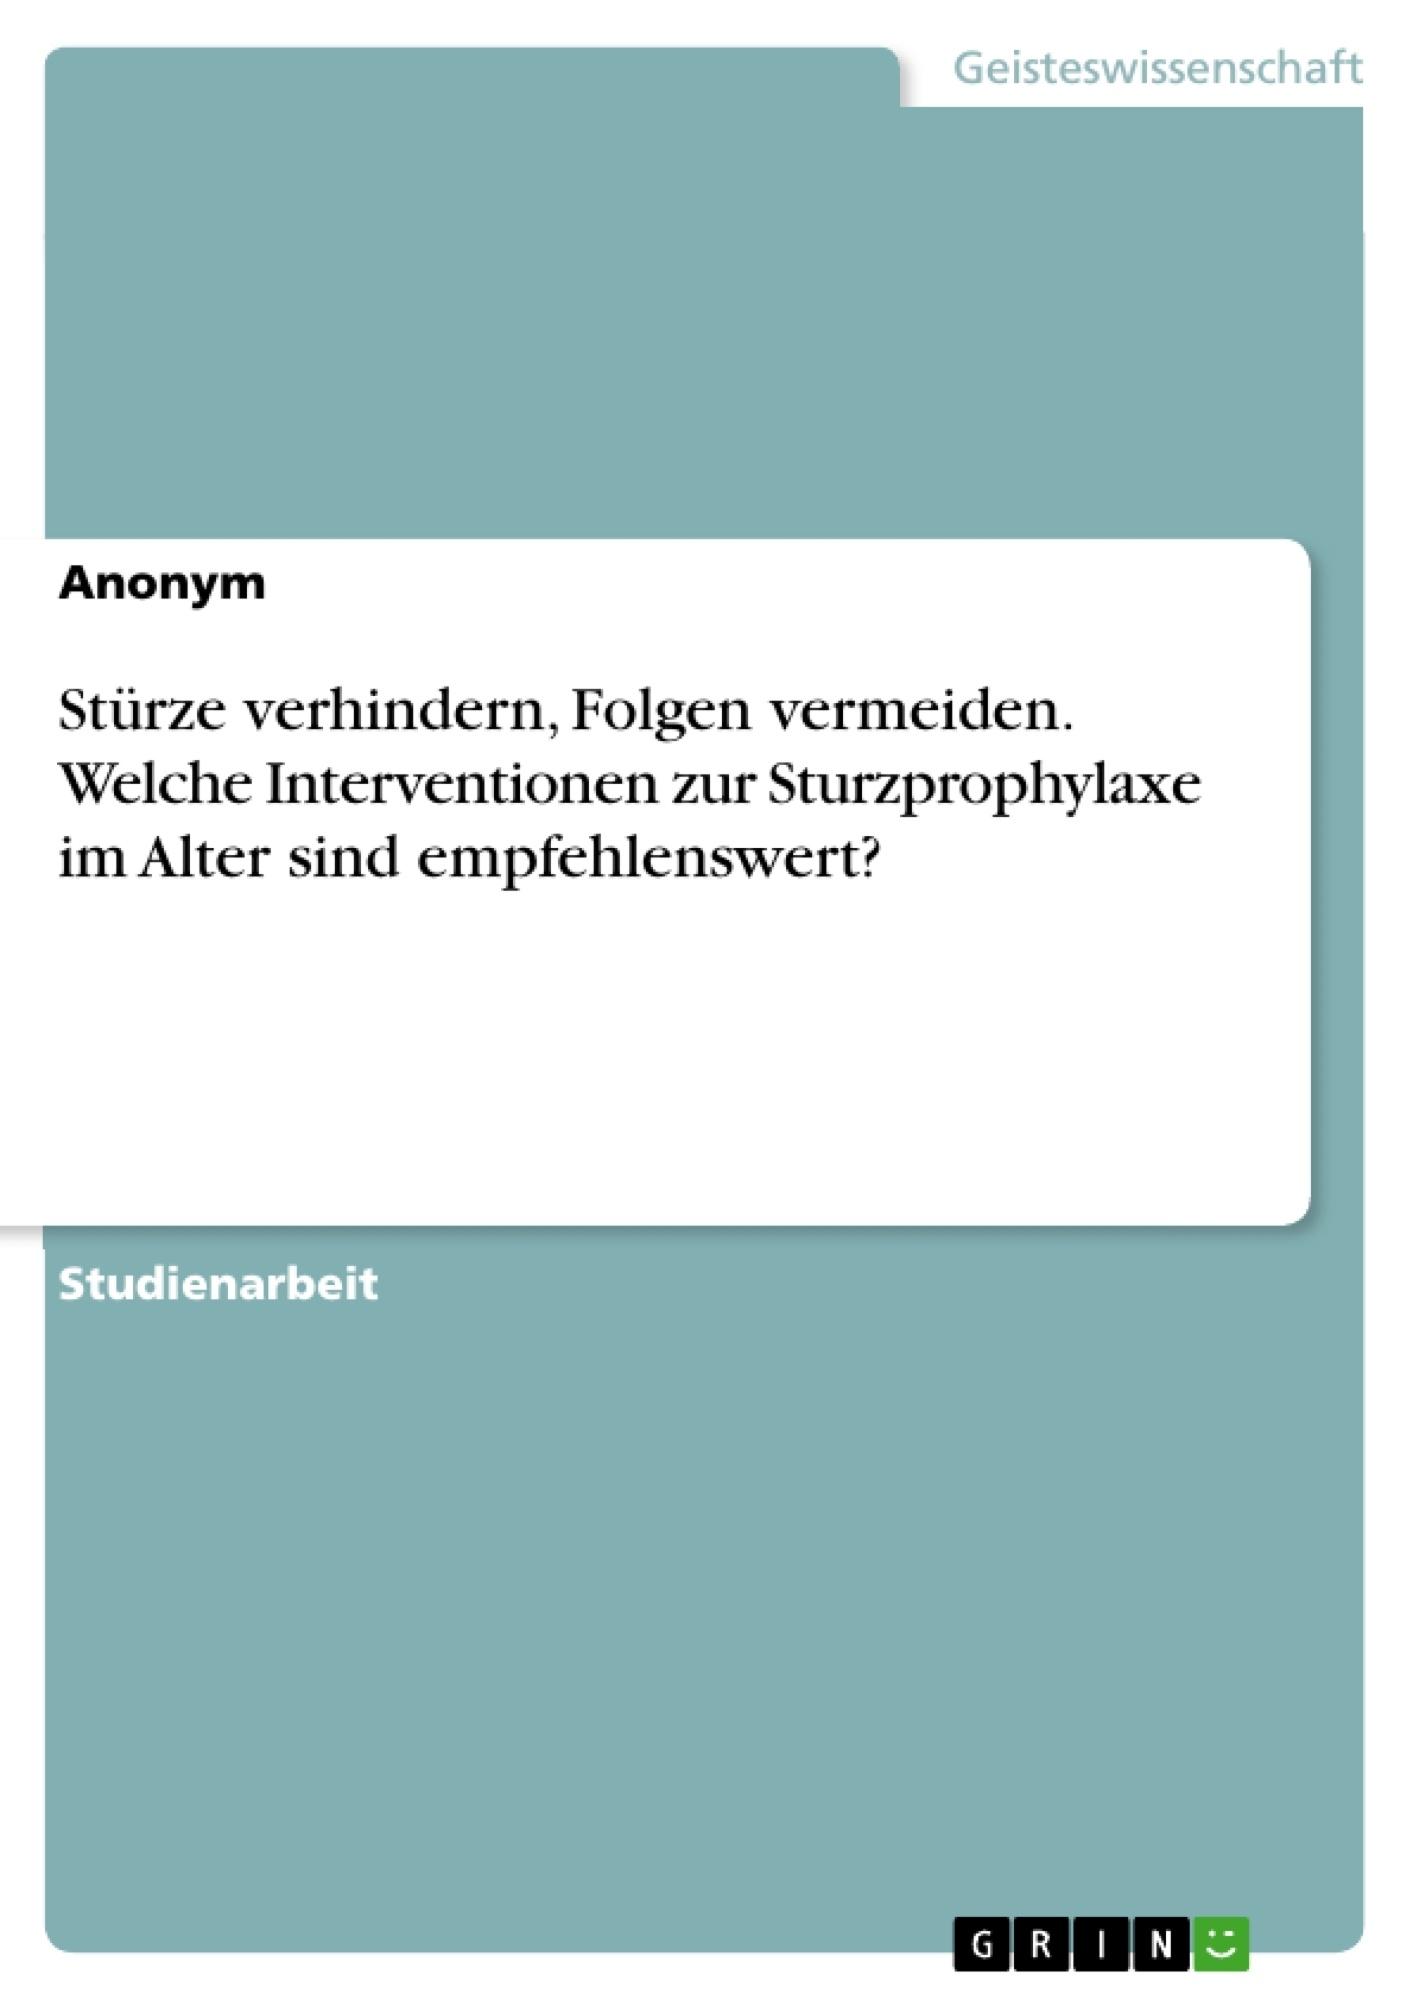 Titel: Stürze verhindern, Folgen vermeiden. Welche Interventionen zur Sturzprophylaxe im Alter sind empfehlenswert?